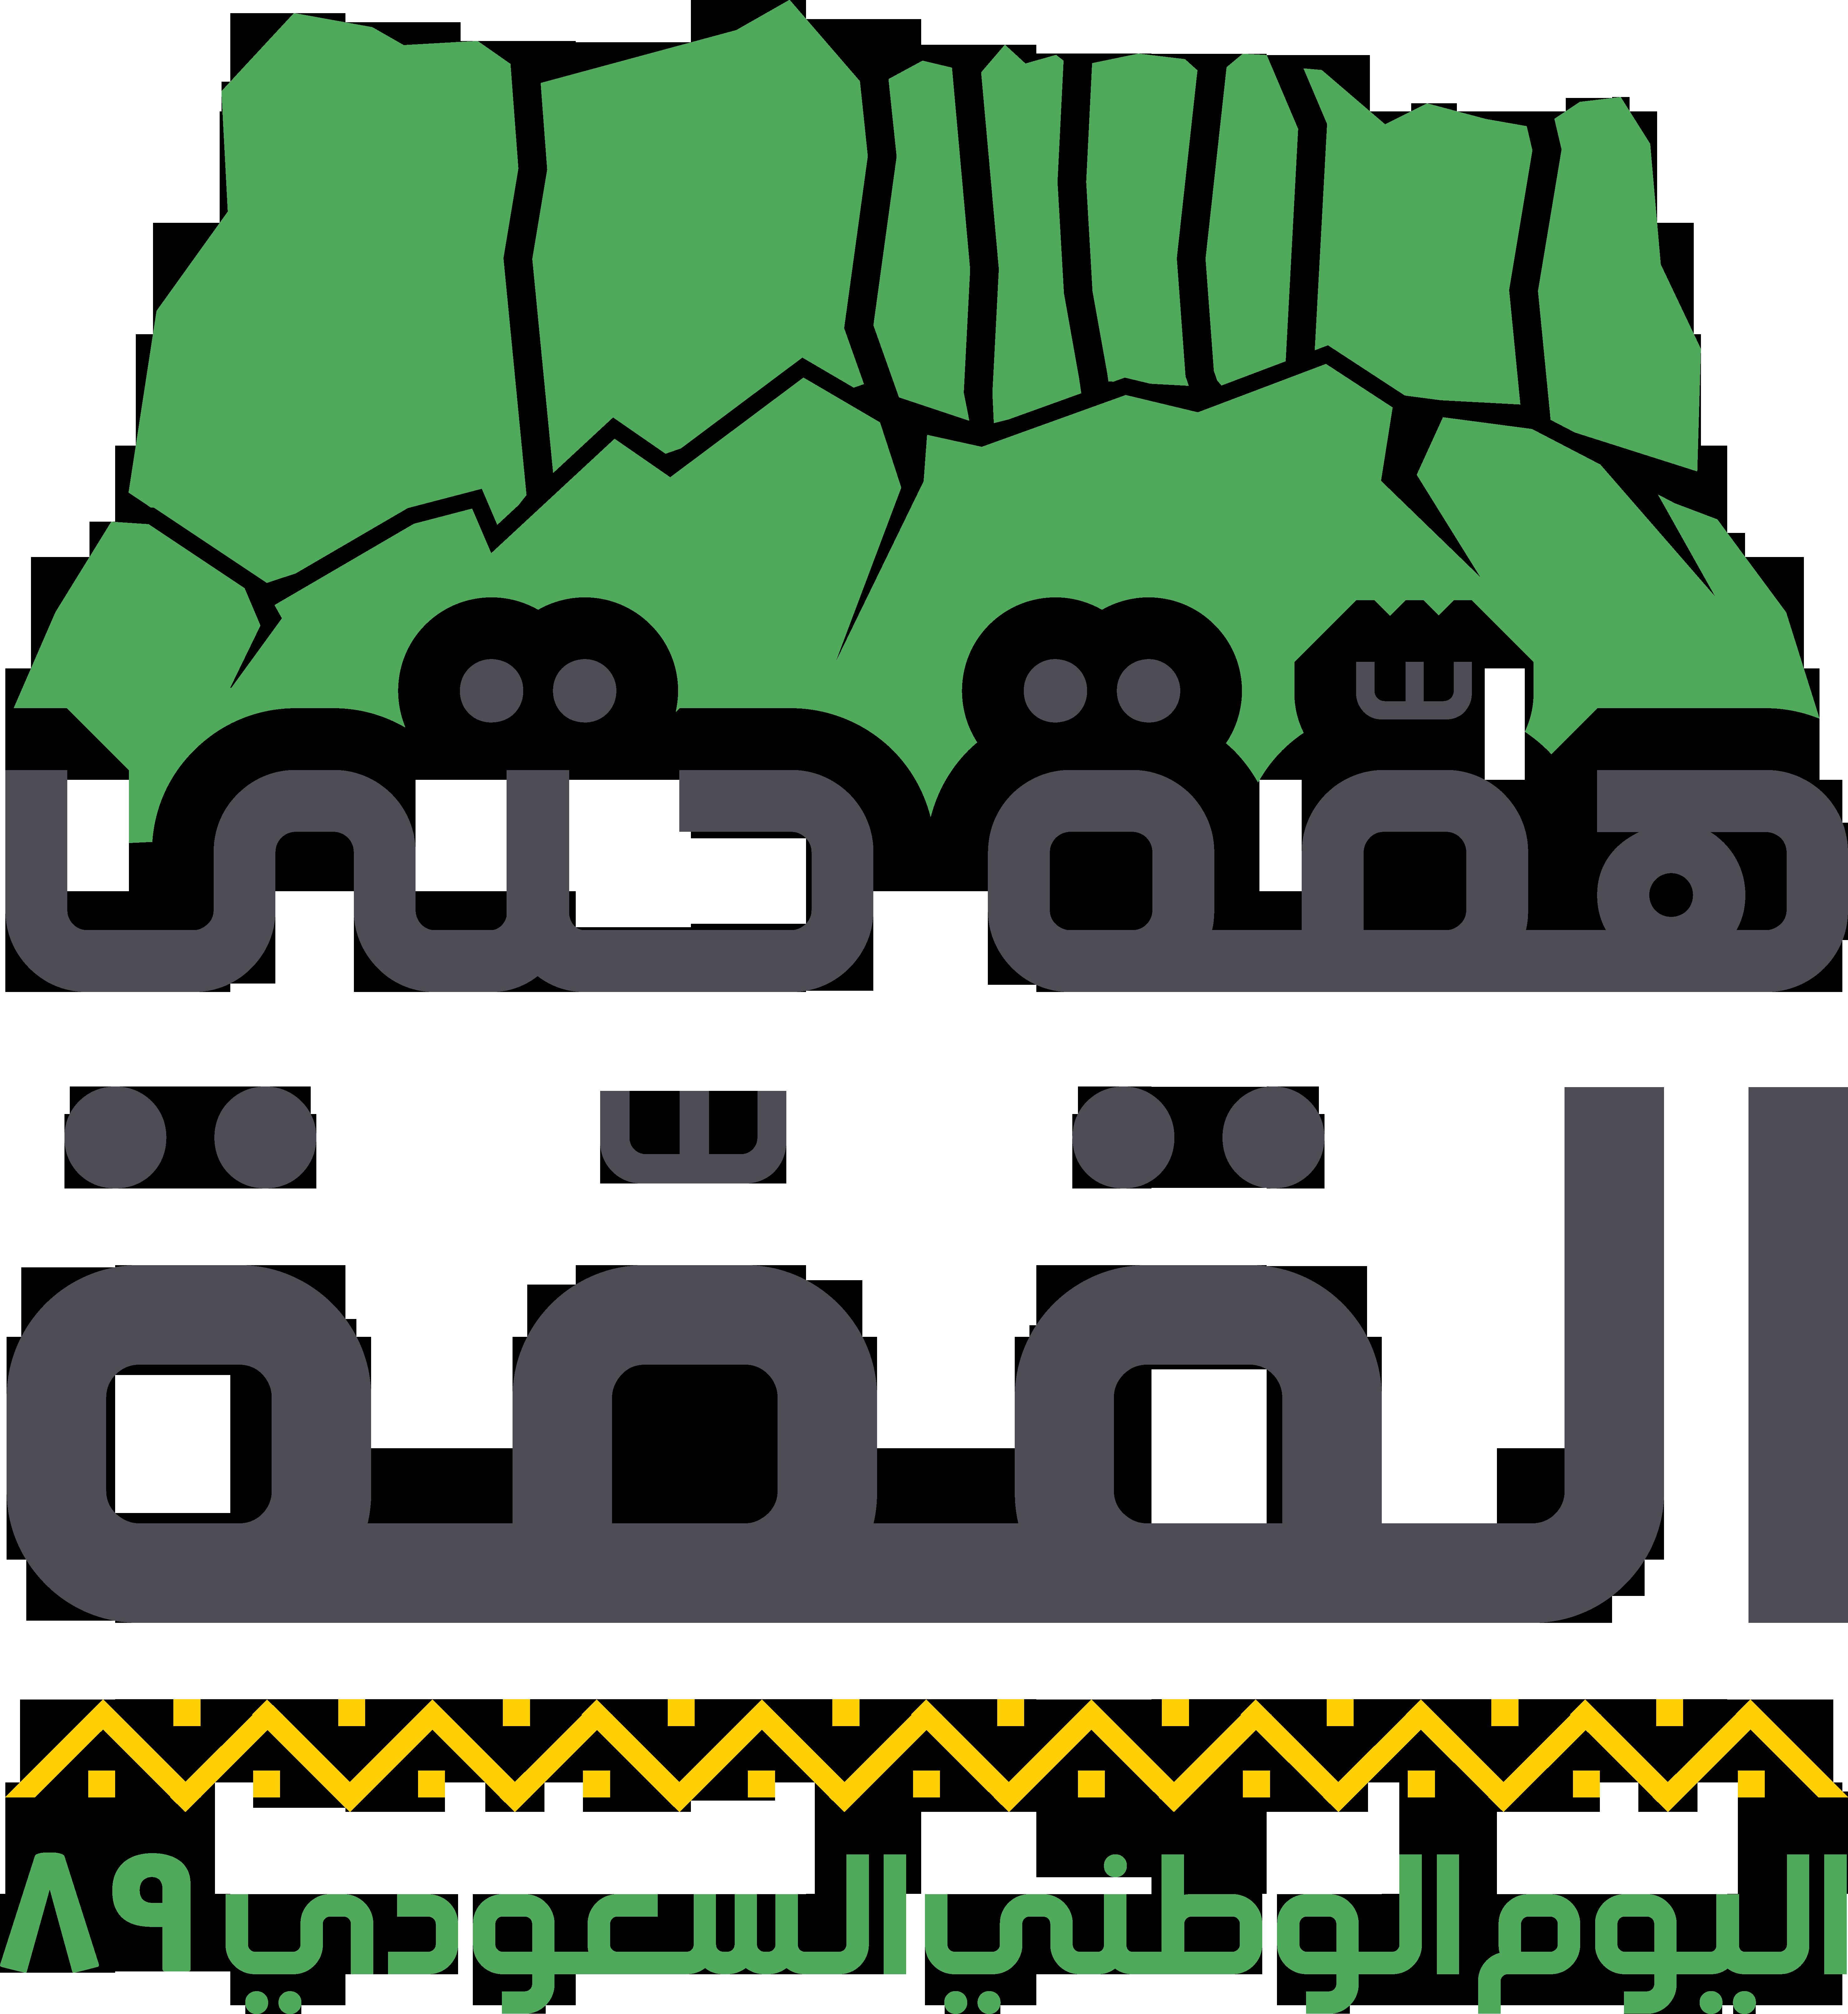 شعار اليوم الوطني 89 النسخة الاصلية Png Psd Pdf عالية الجودة Hd National Day Saudi Congratulations Pictures Gaming Wallpapers